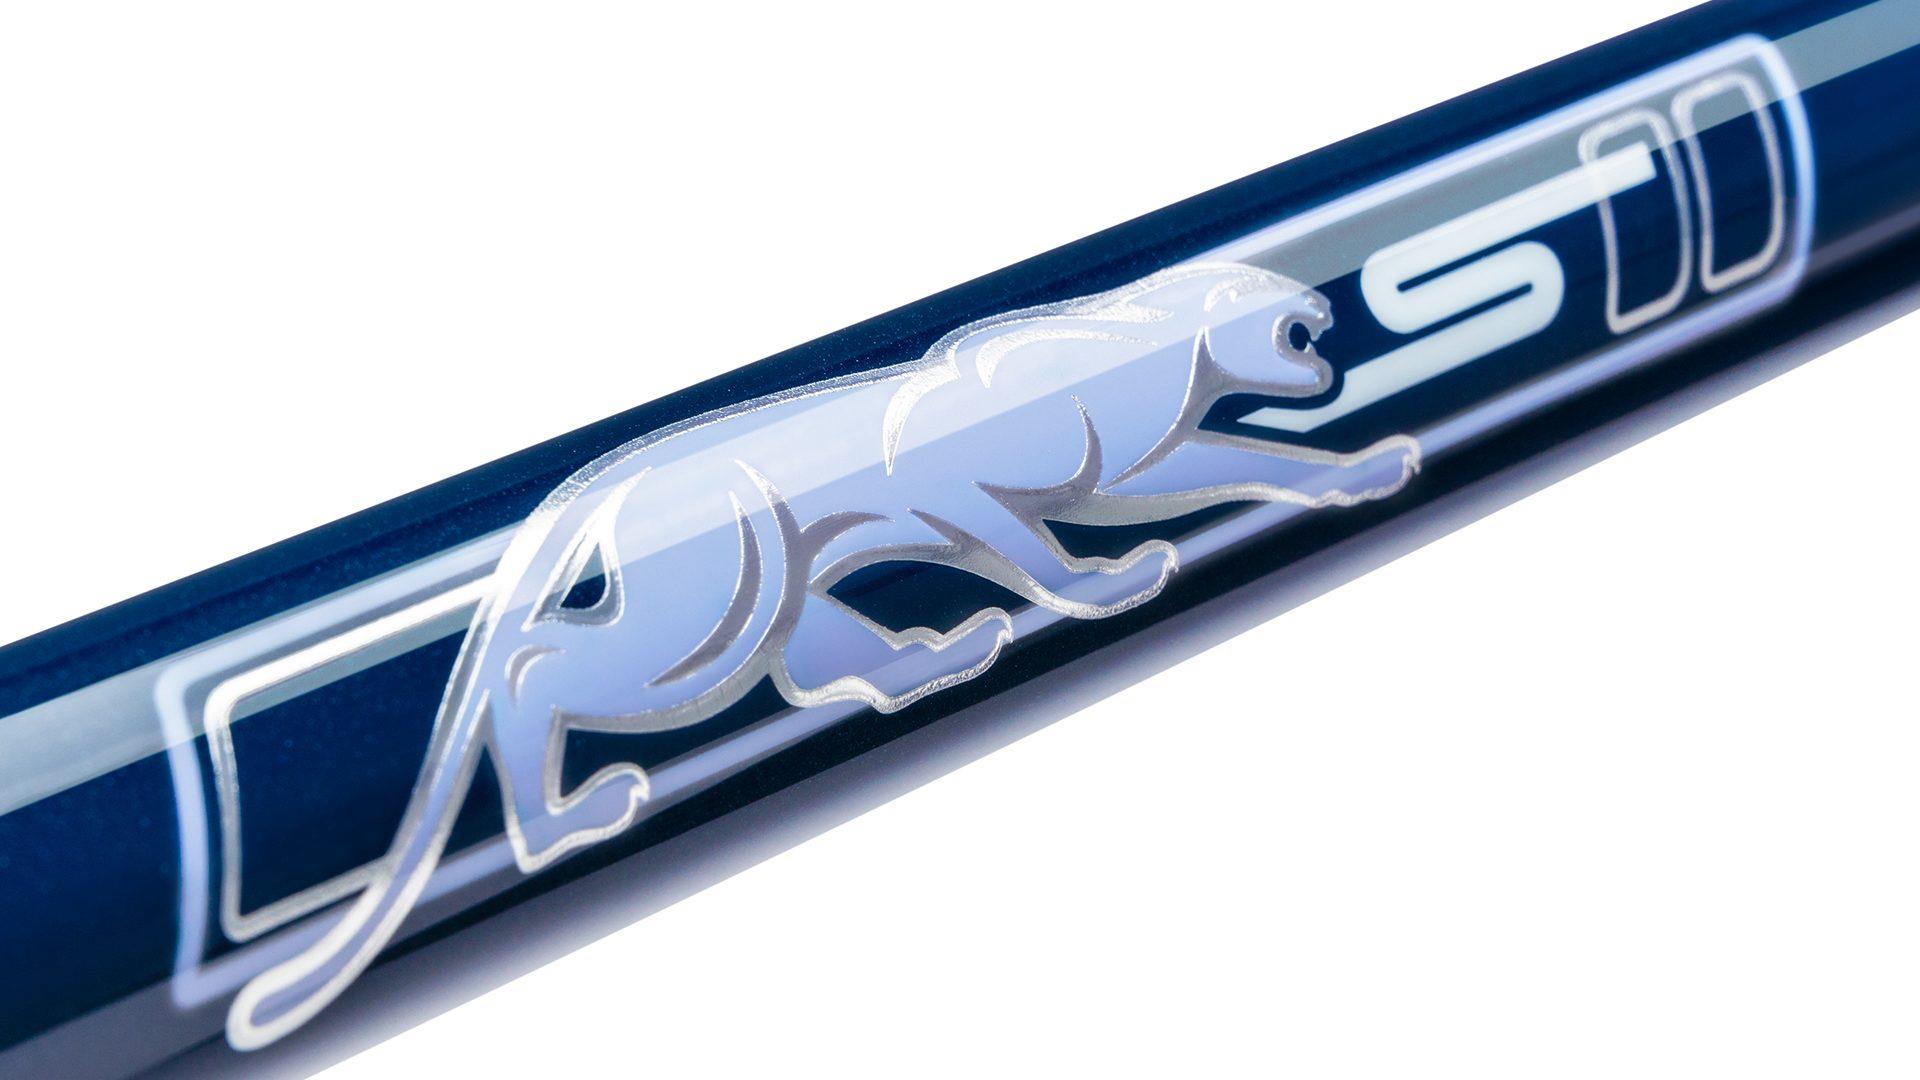 Predator Stratos